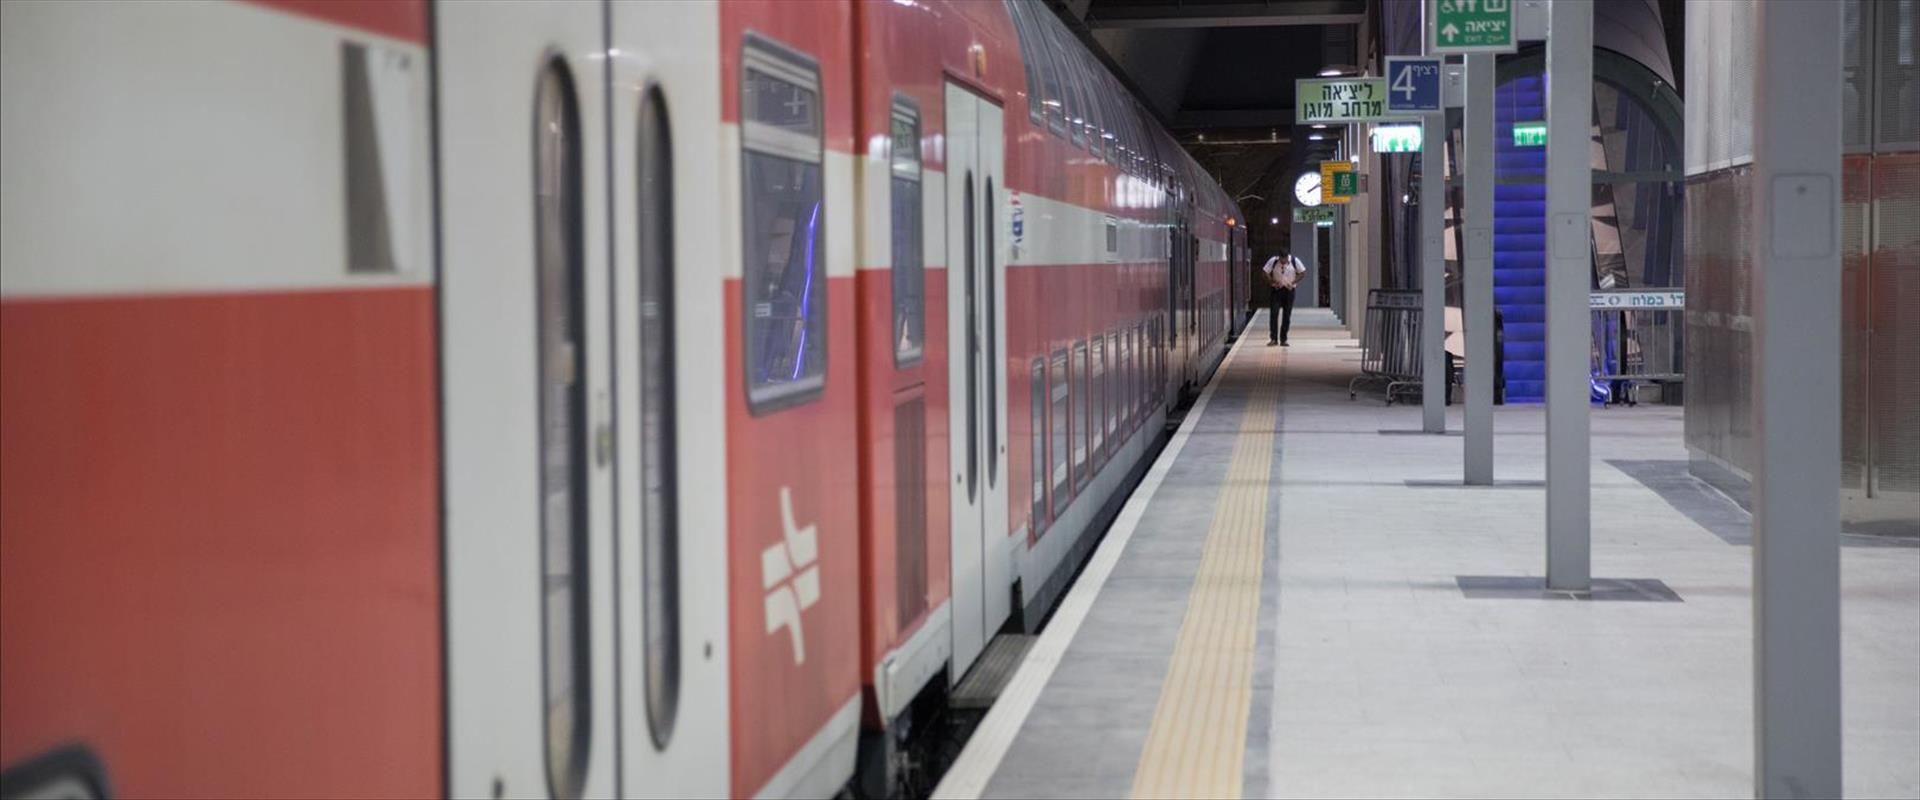 רכבת בתחנת ירושלים